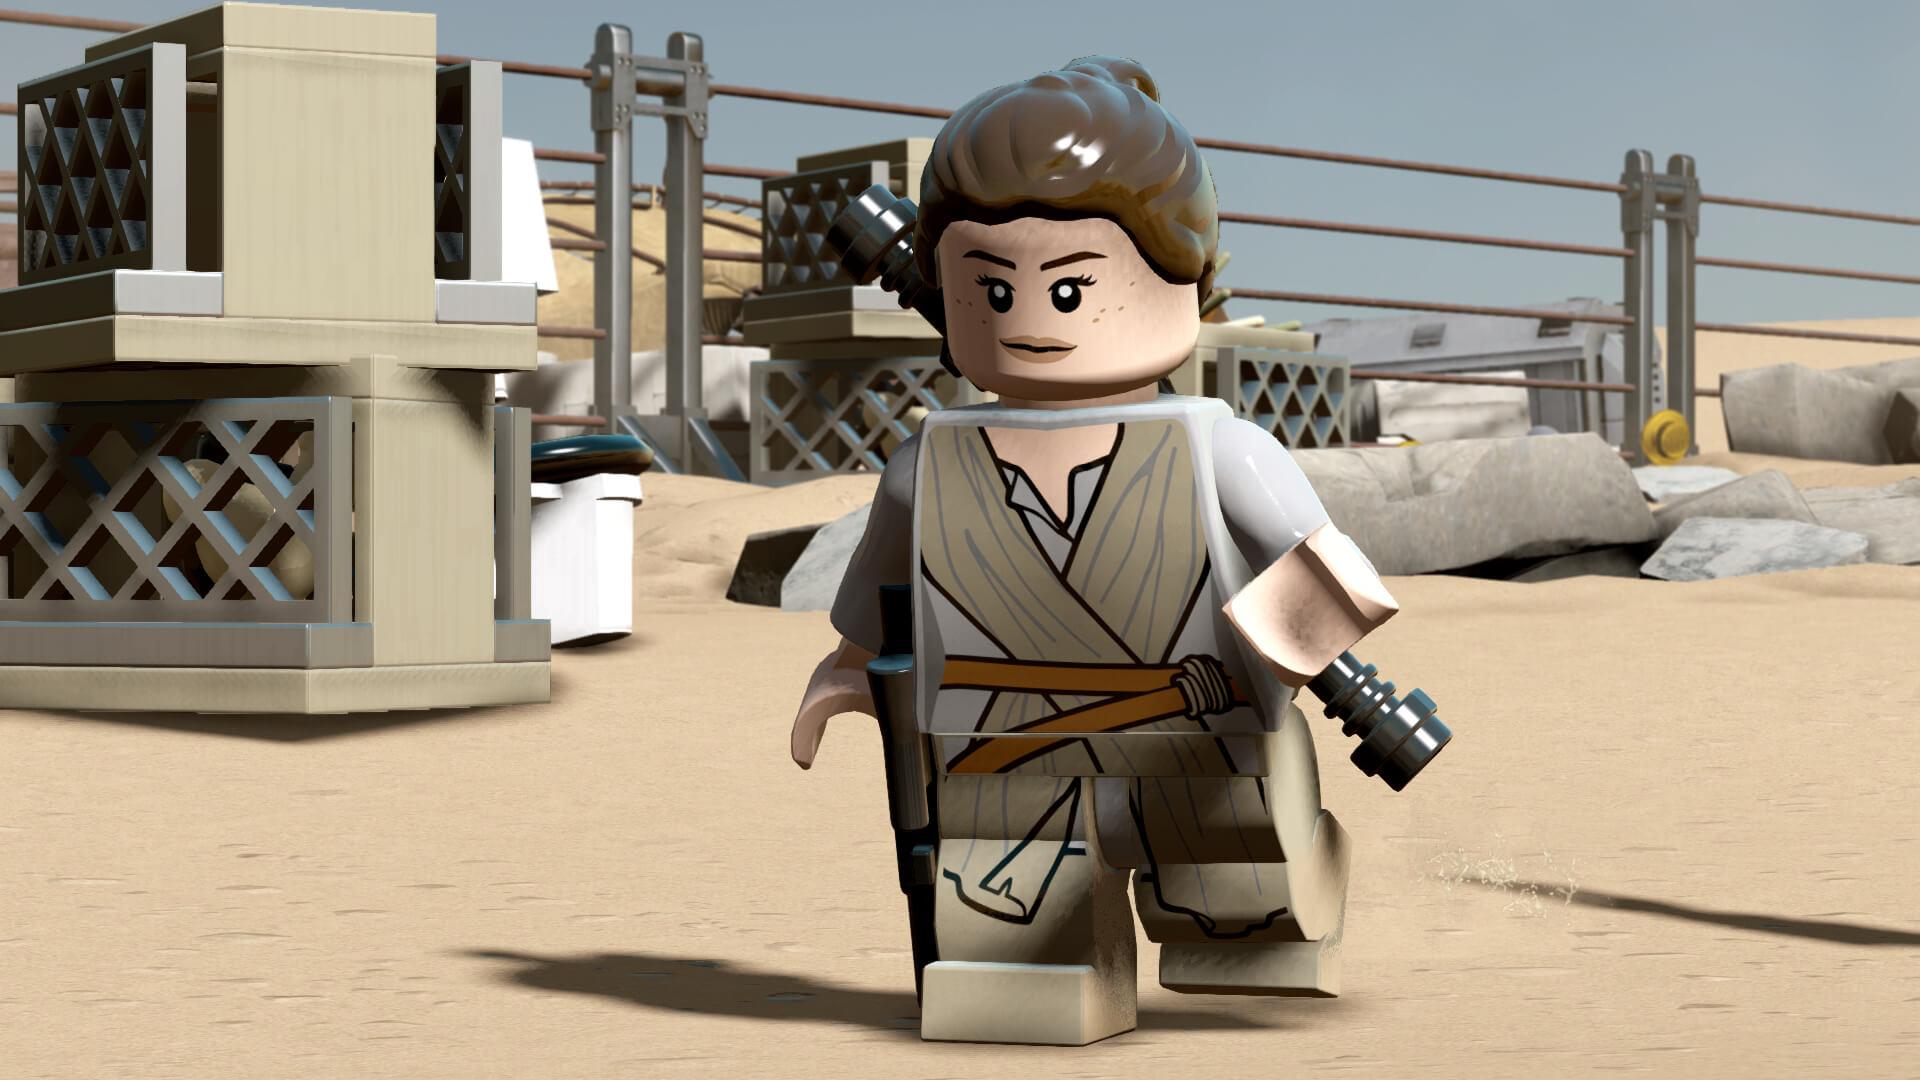 Die Heldin aus Lego Star Wars: The Force Awakens (Bildrechte: Feral interactive)